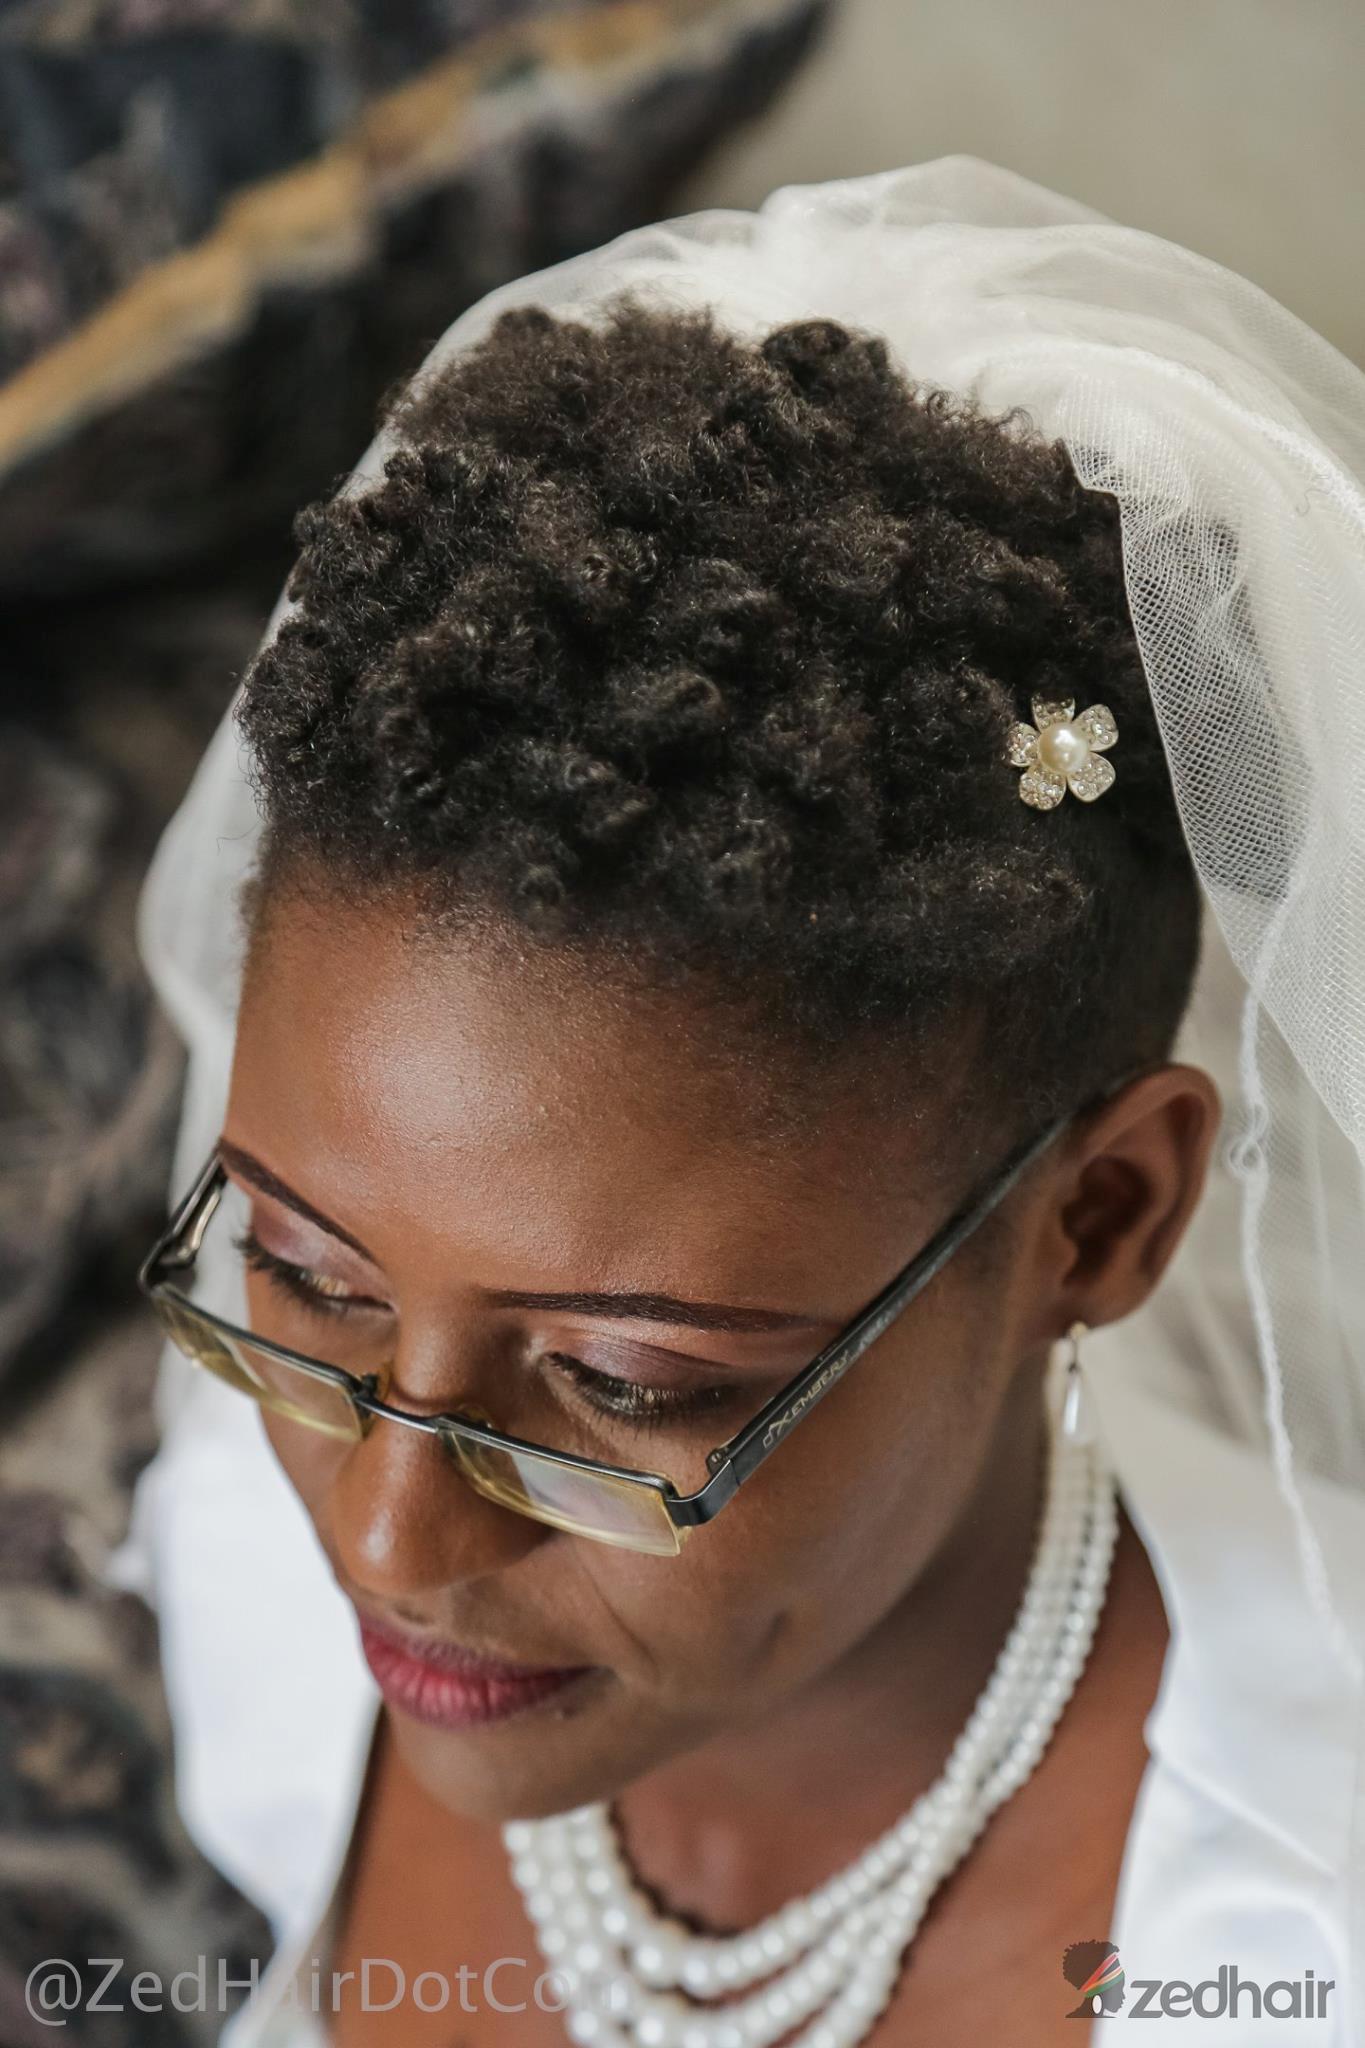 hairstyles | zedhair